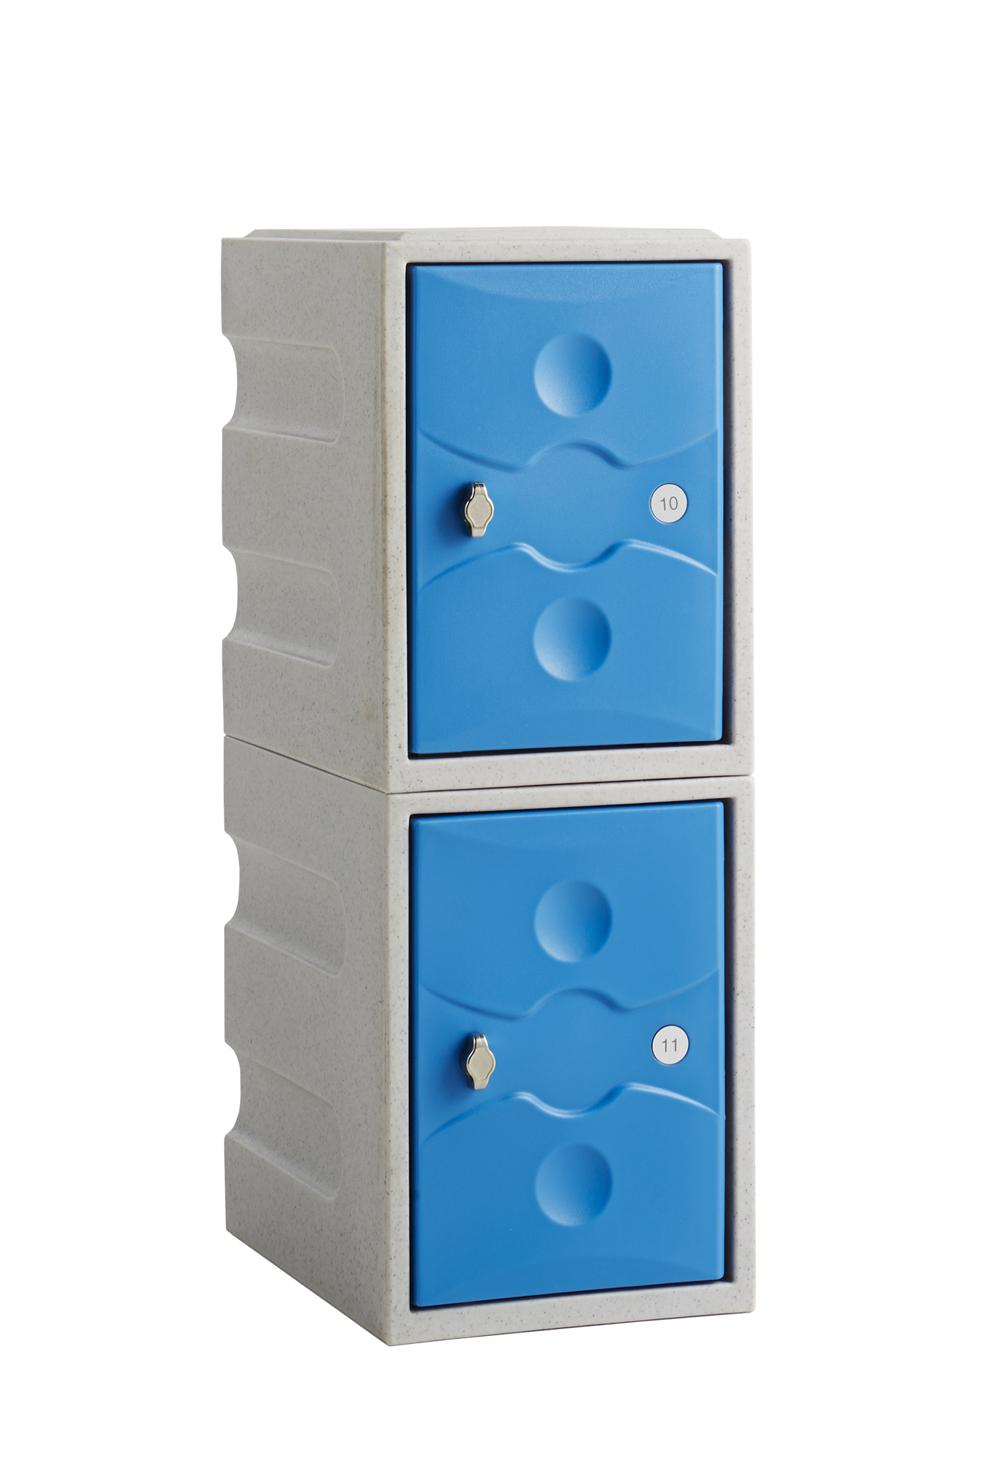 School Ultrabox 2 Doors Mini Water Resistant